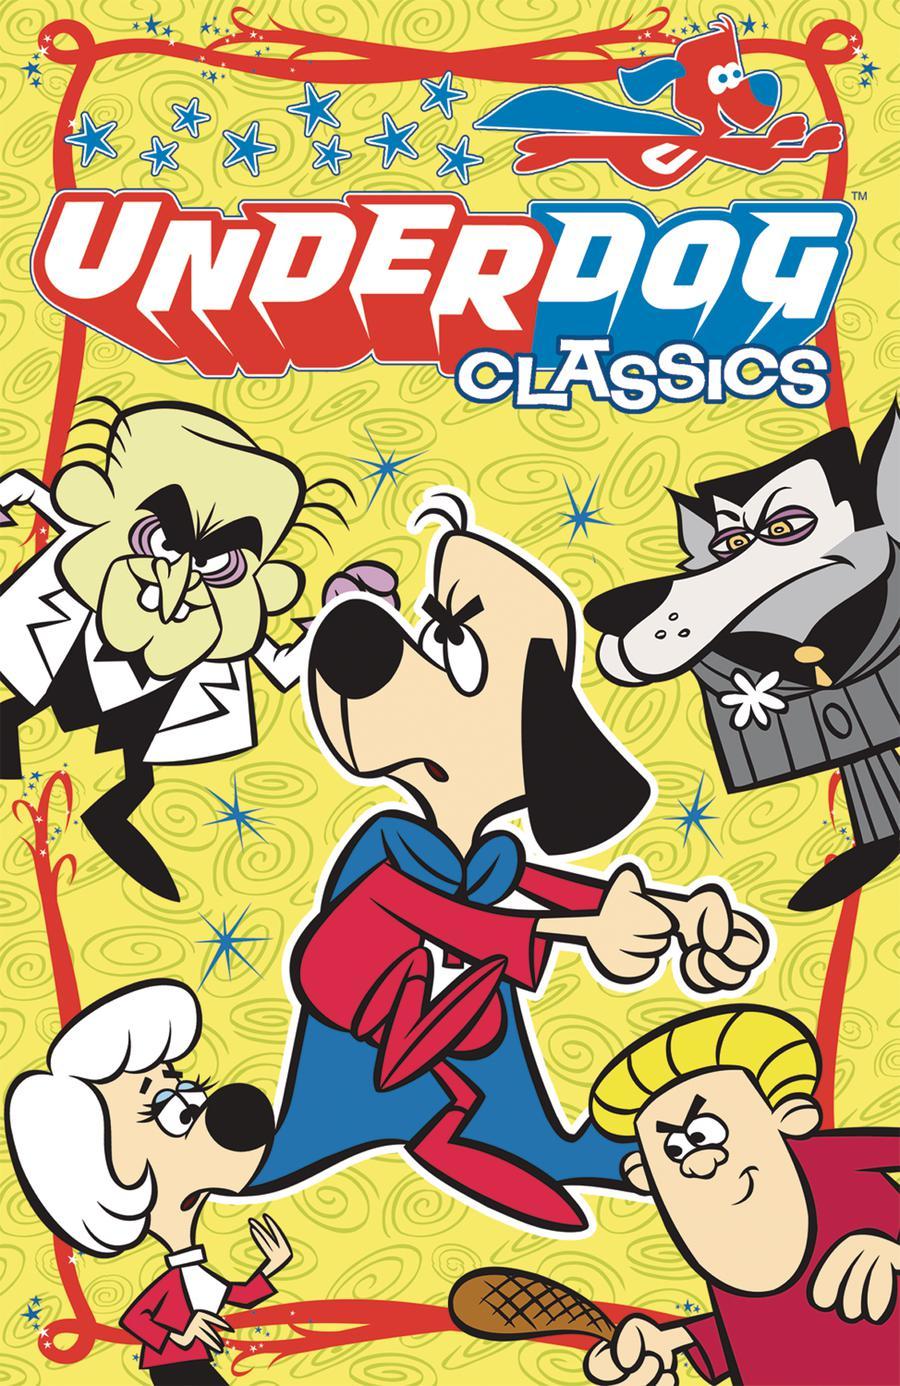 Underdog Classics Vol 1 TP